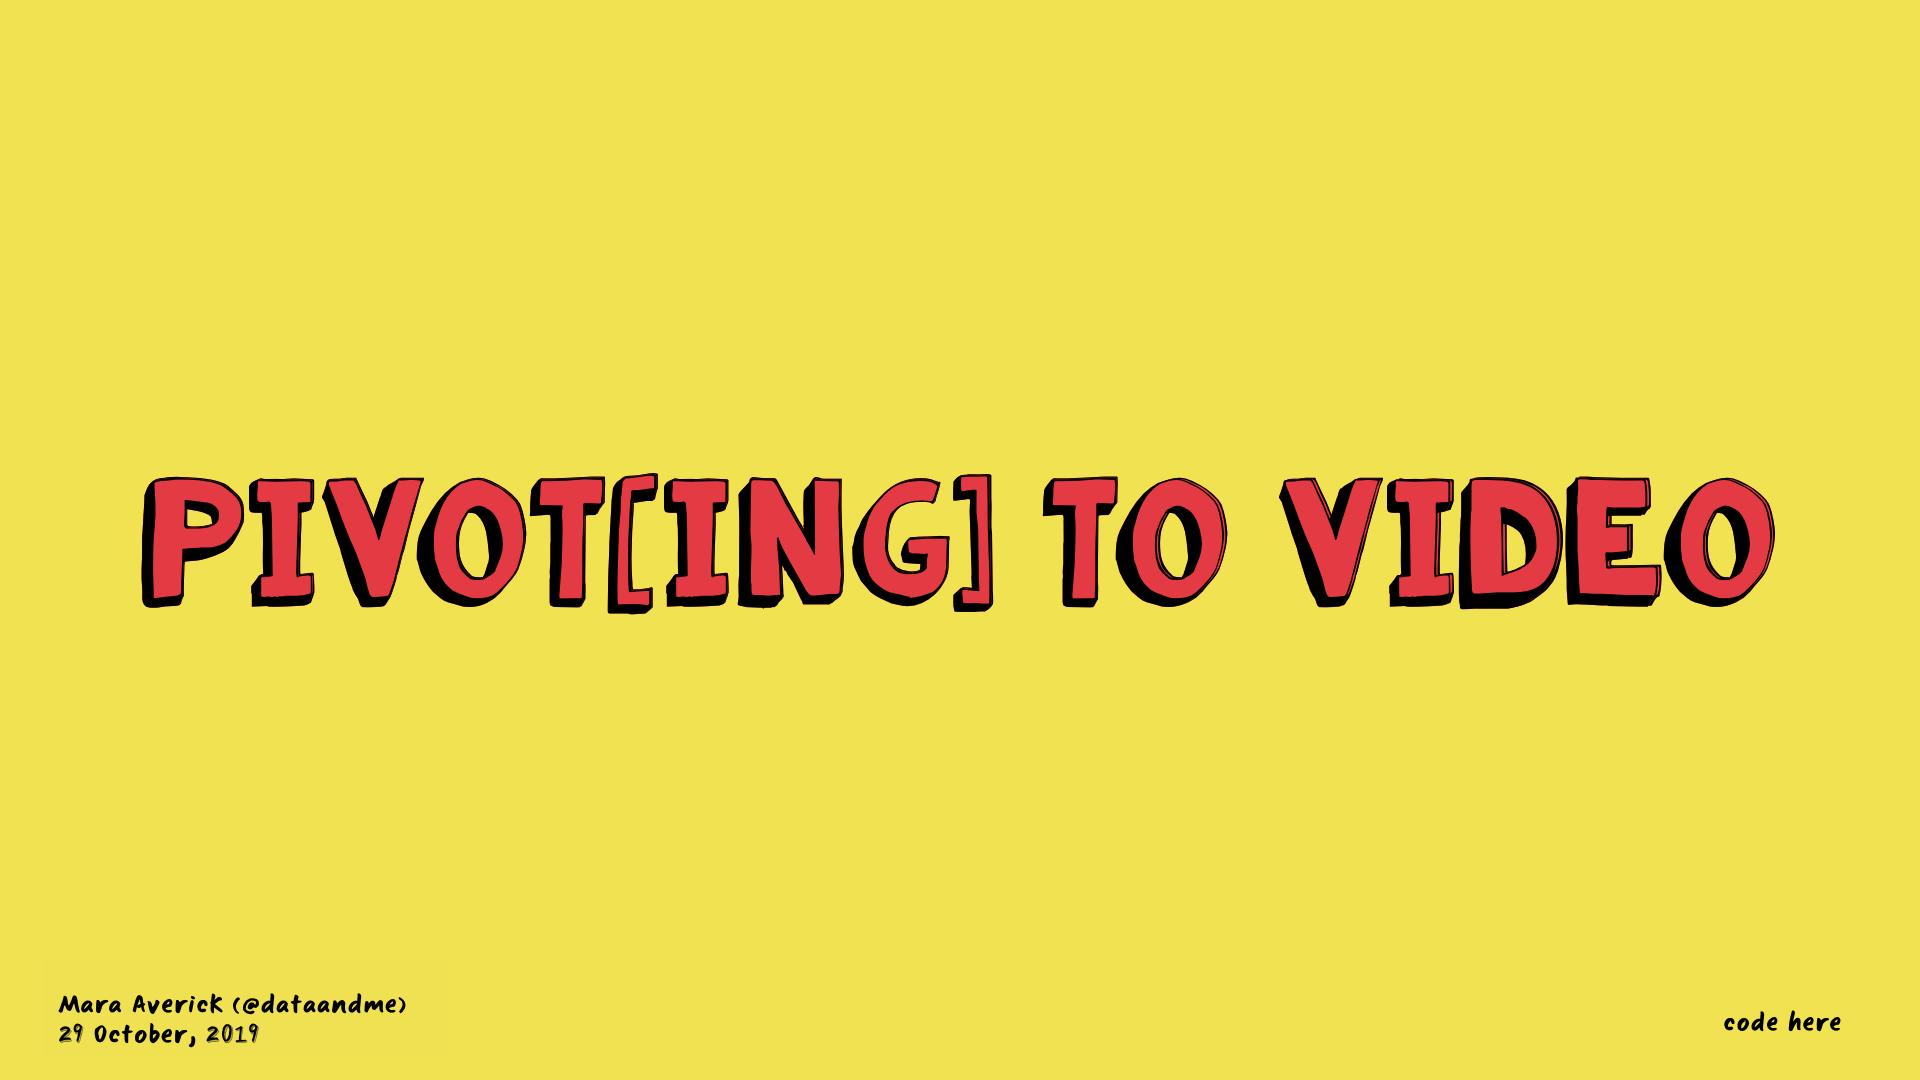 pivot-ing-to-video title slide